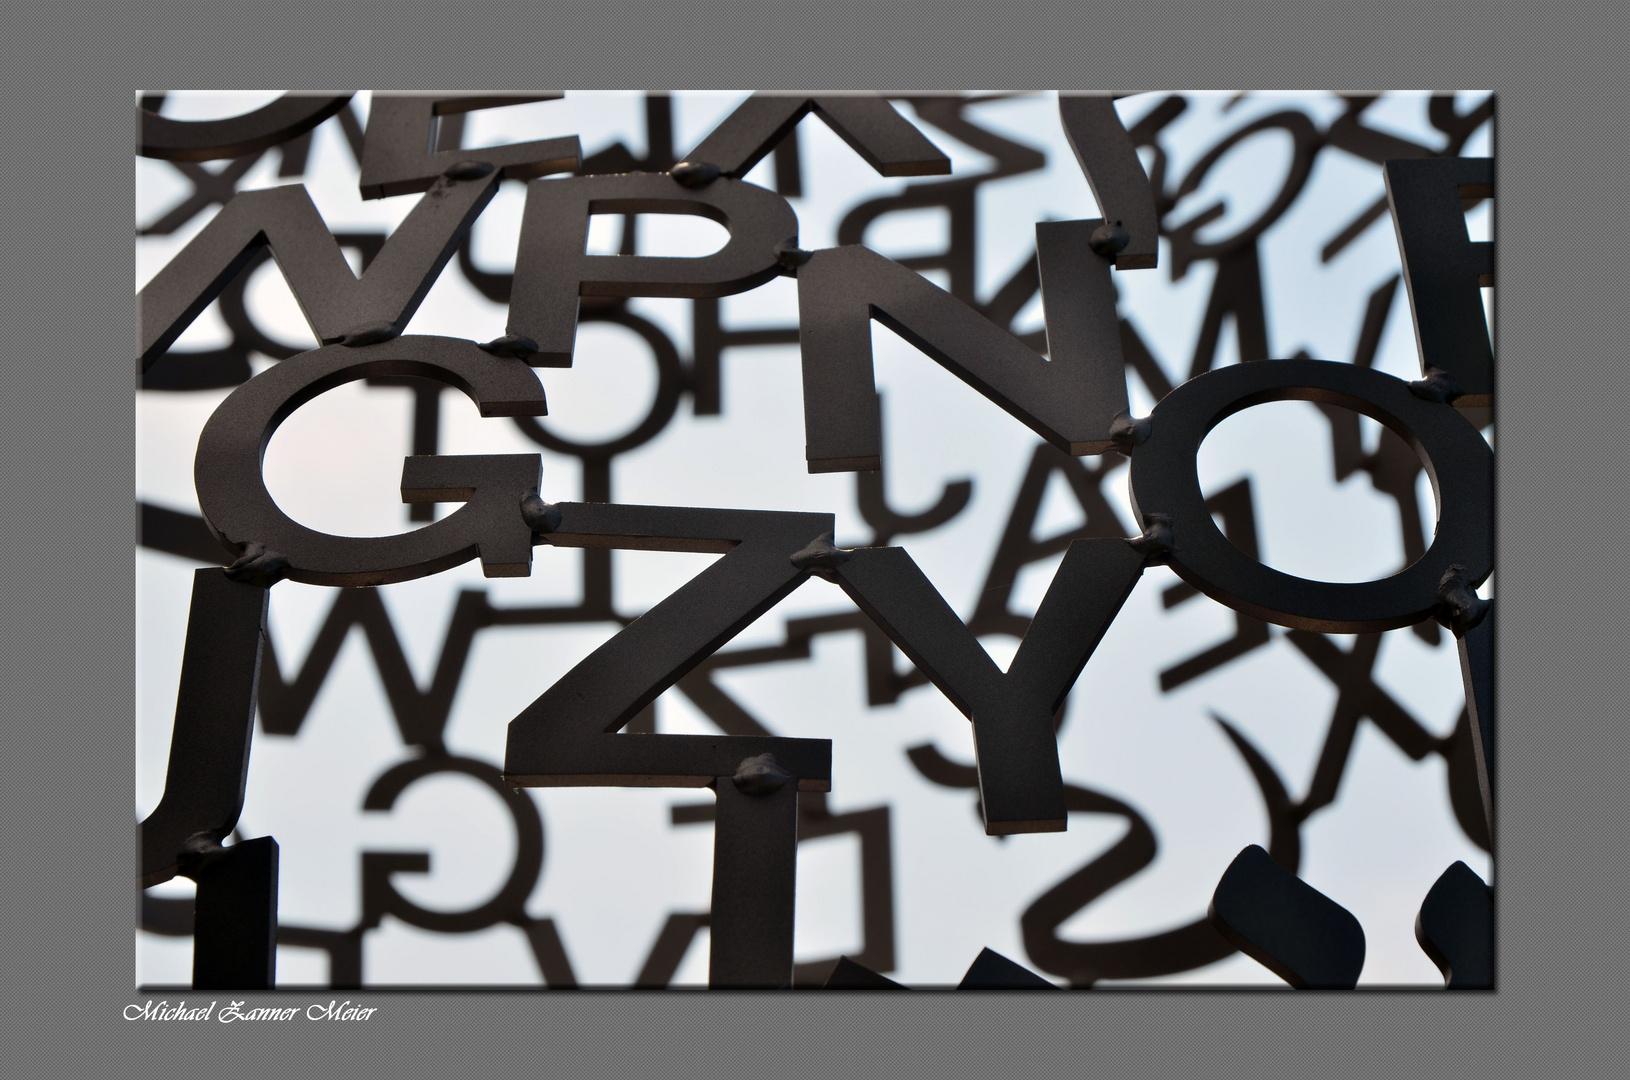 Buchstabenwirrwarr